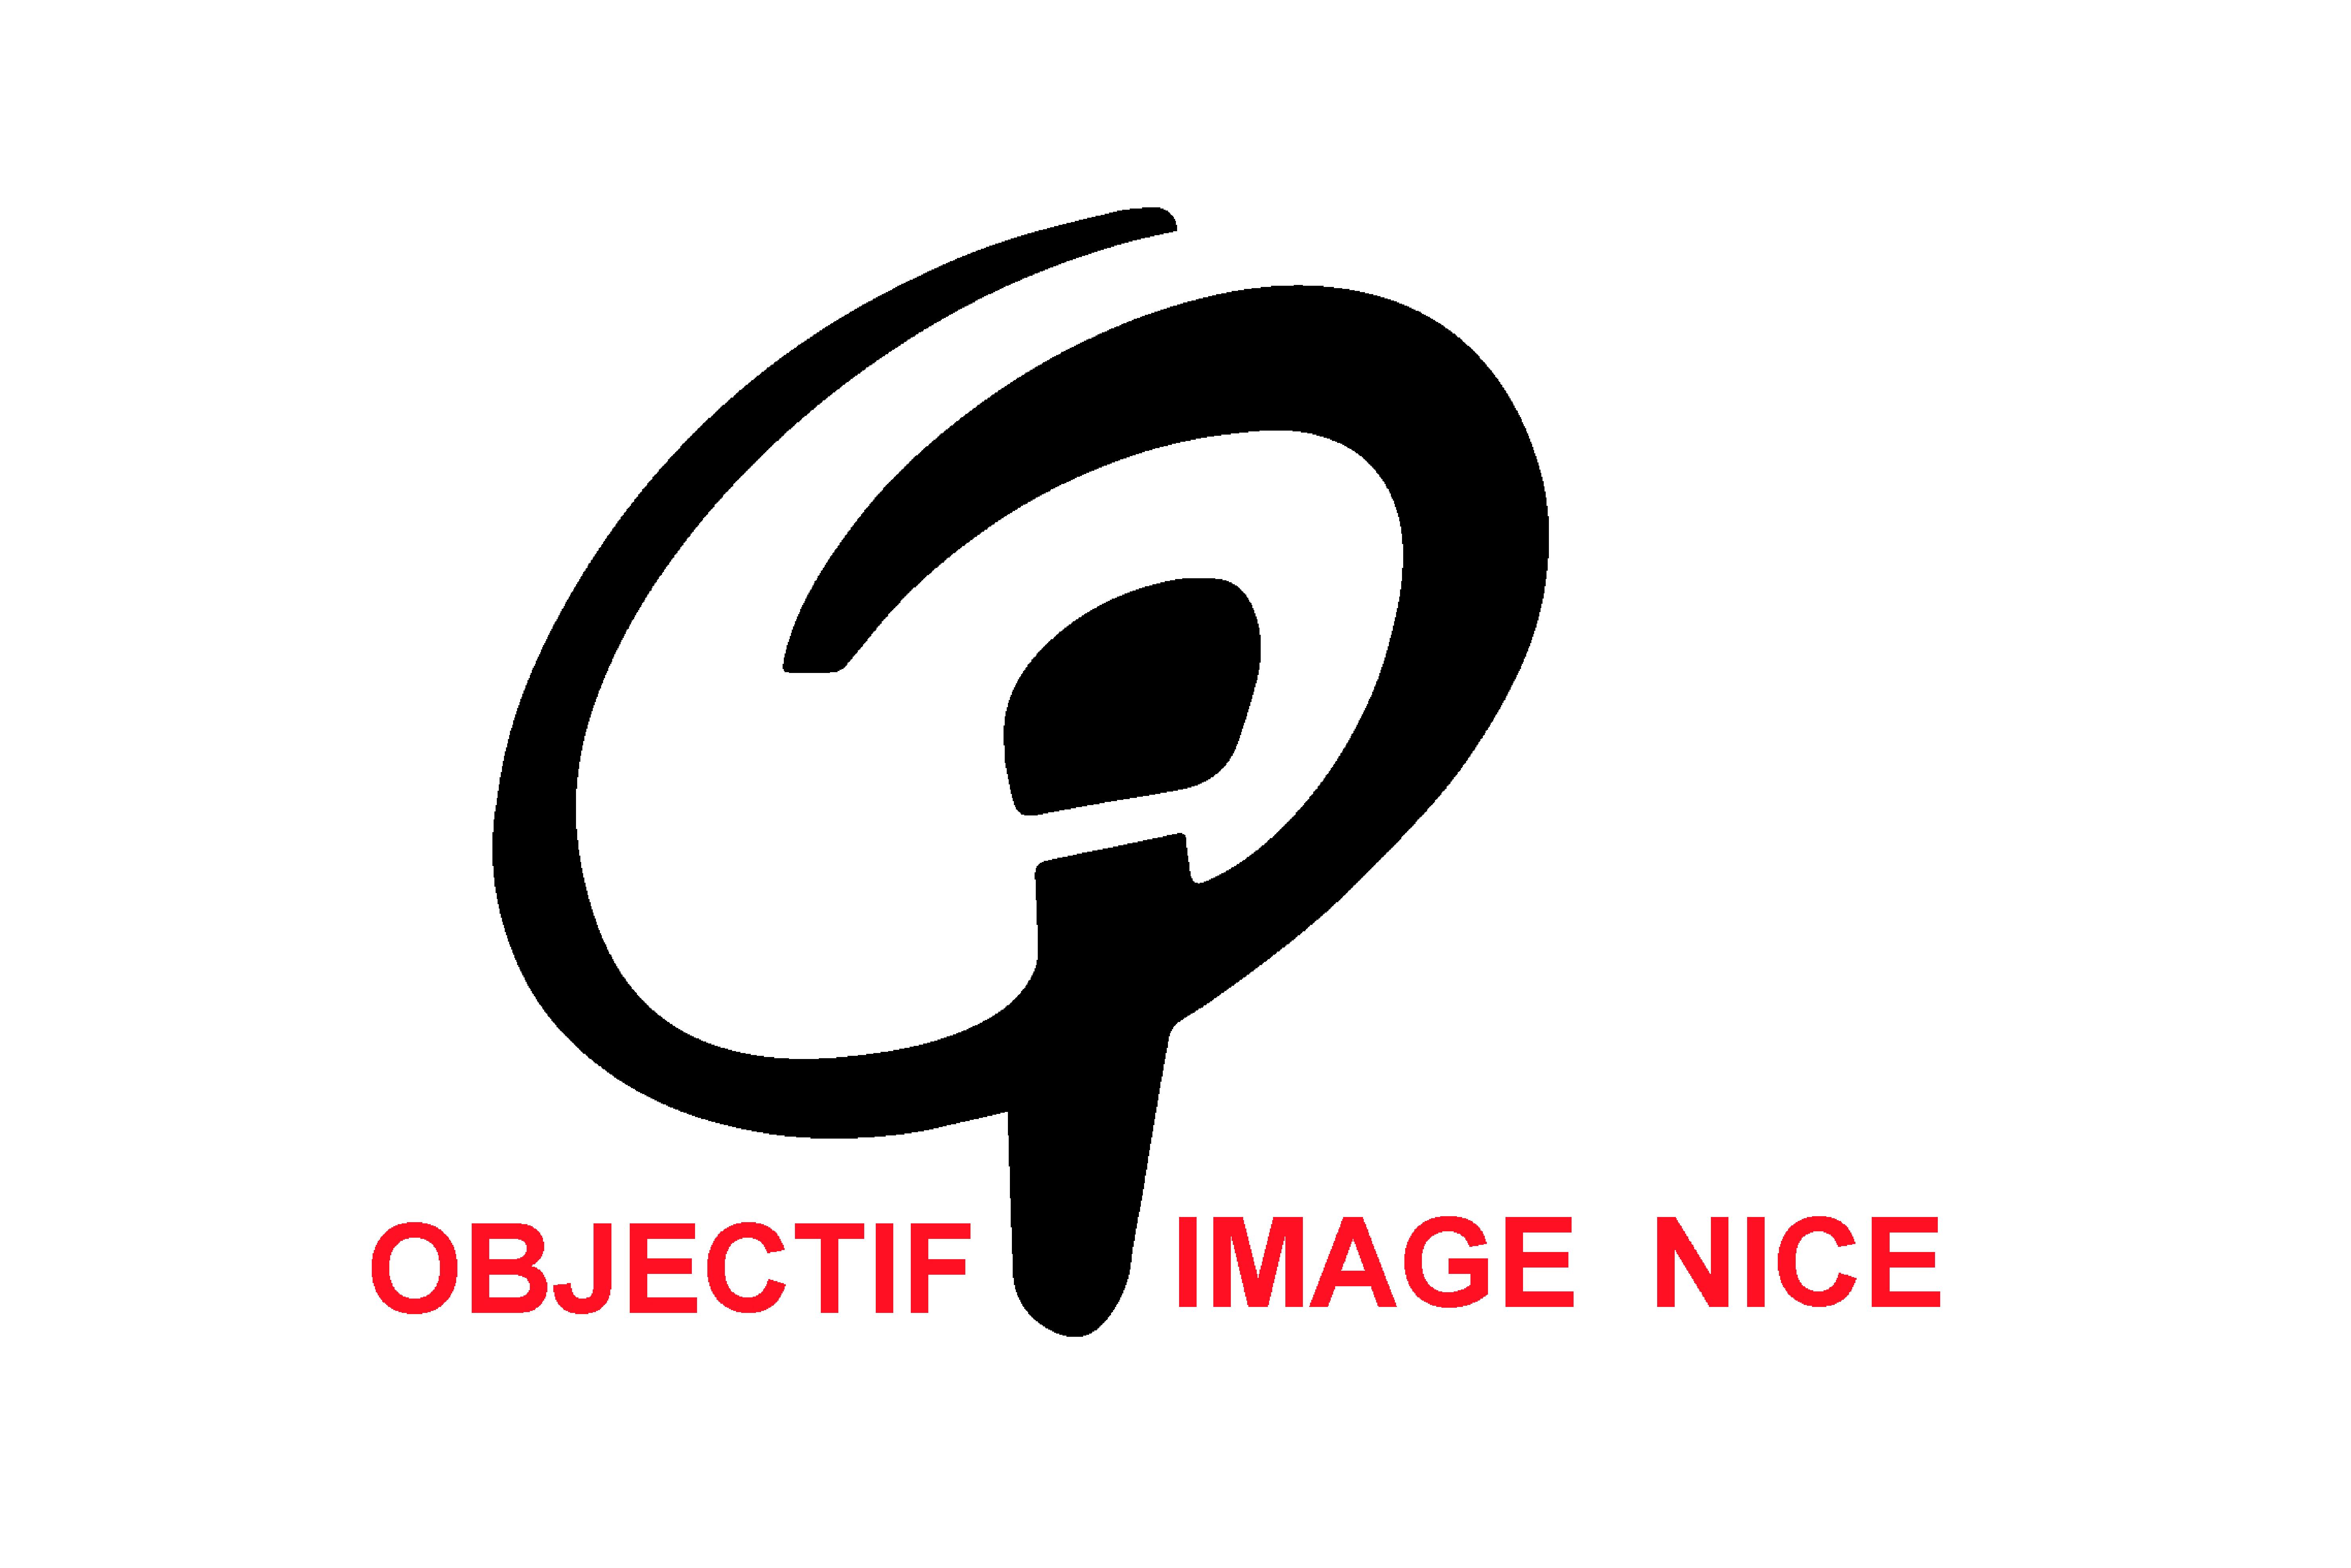 Objectif Image Nice